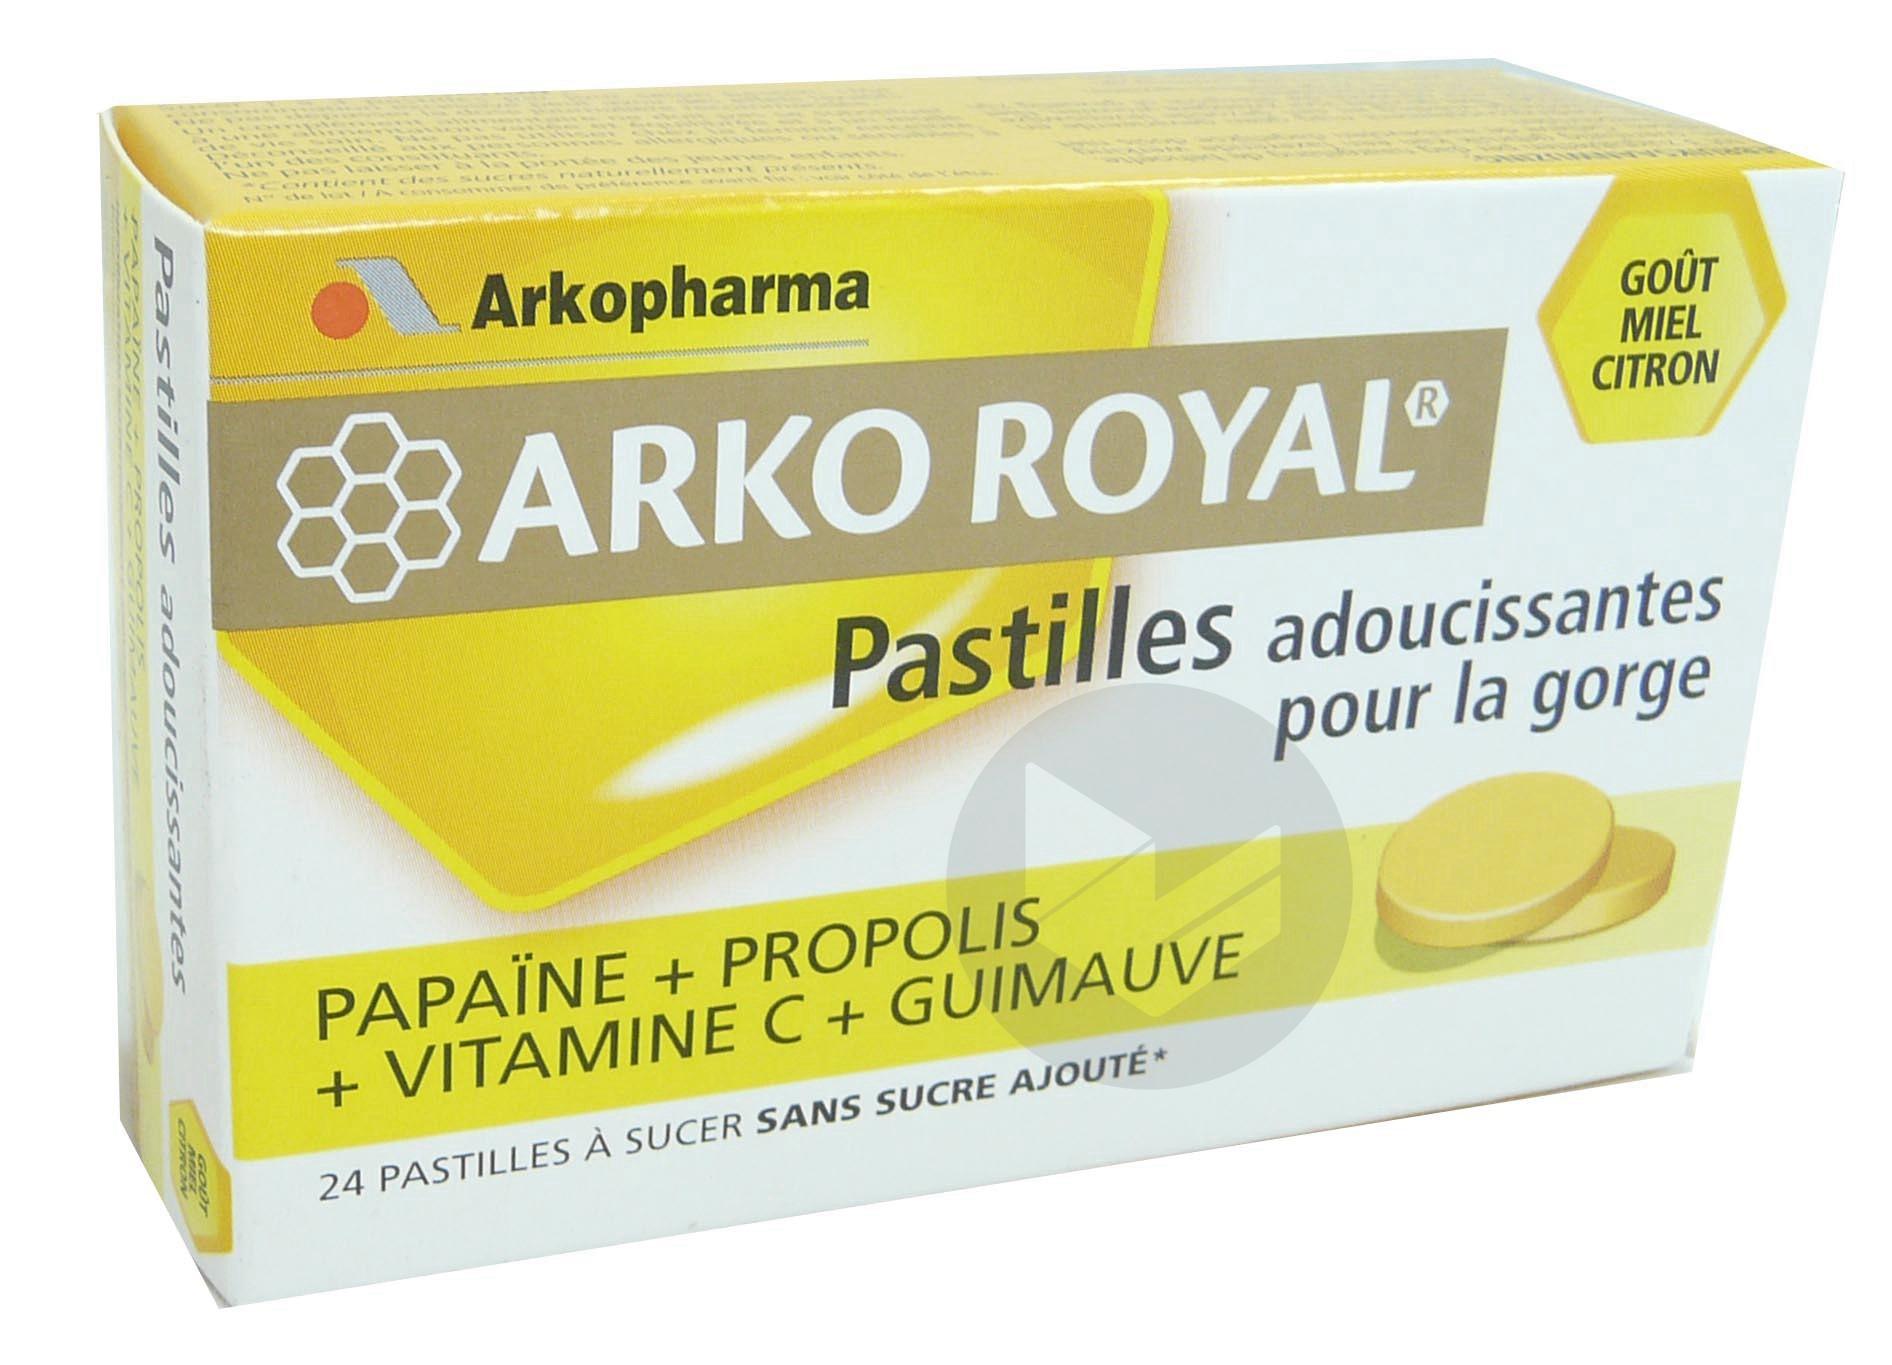 Arko Royal Propolis Past Adoucissante Gorge Guimauve Miel Citron B 24